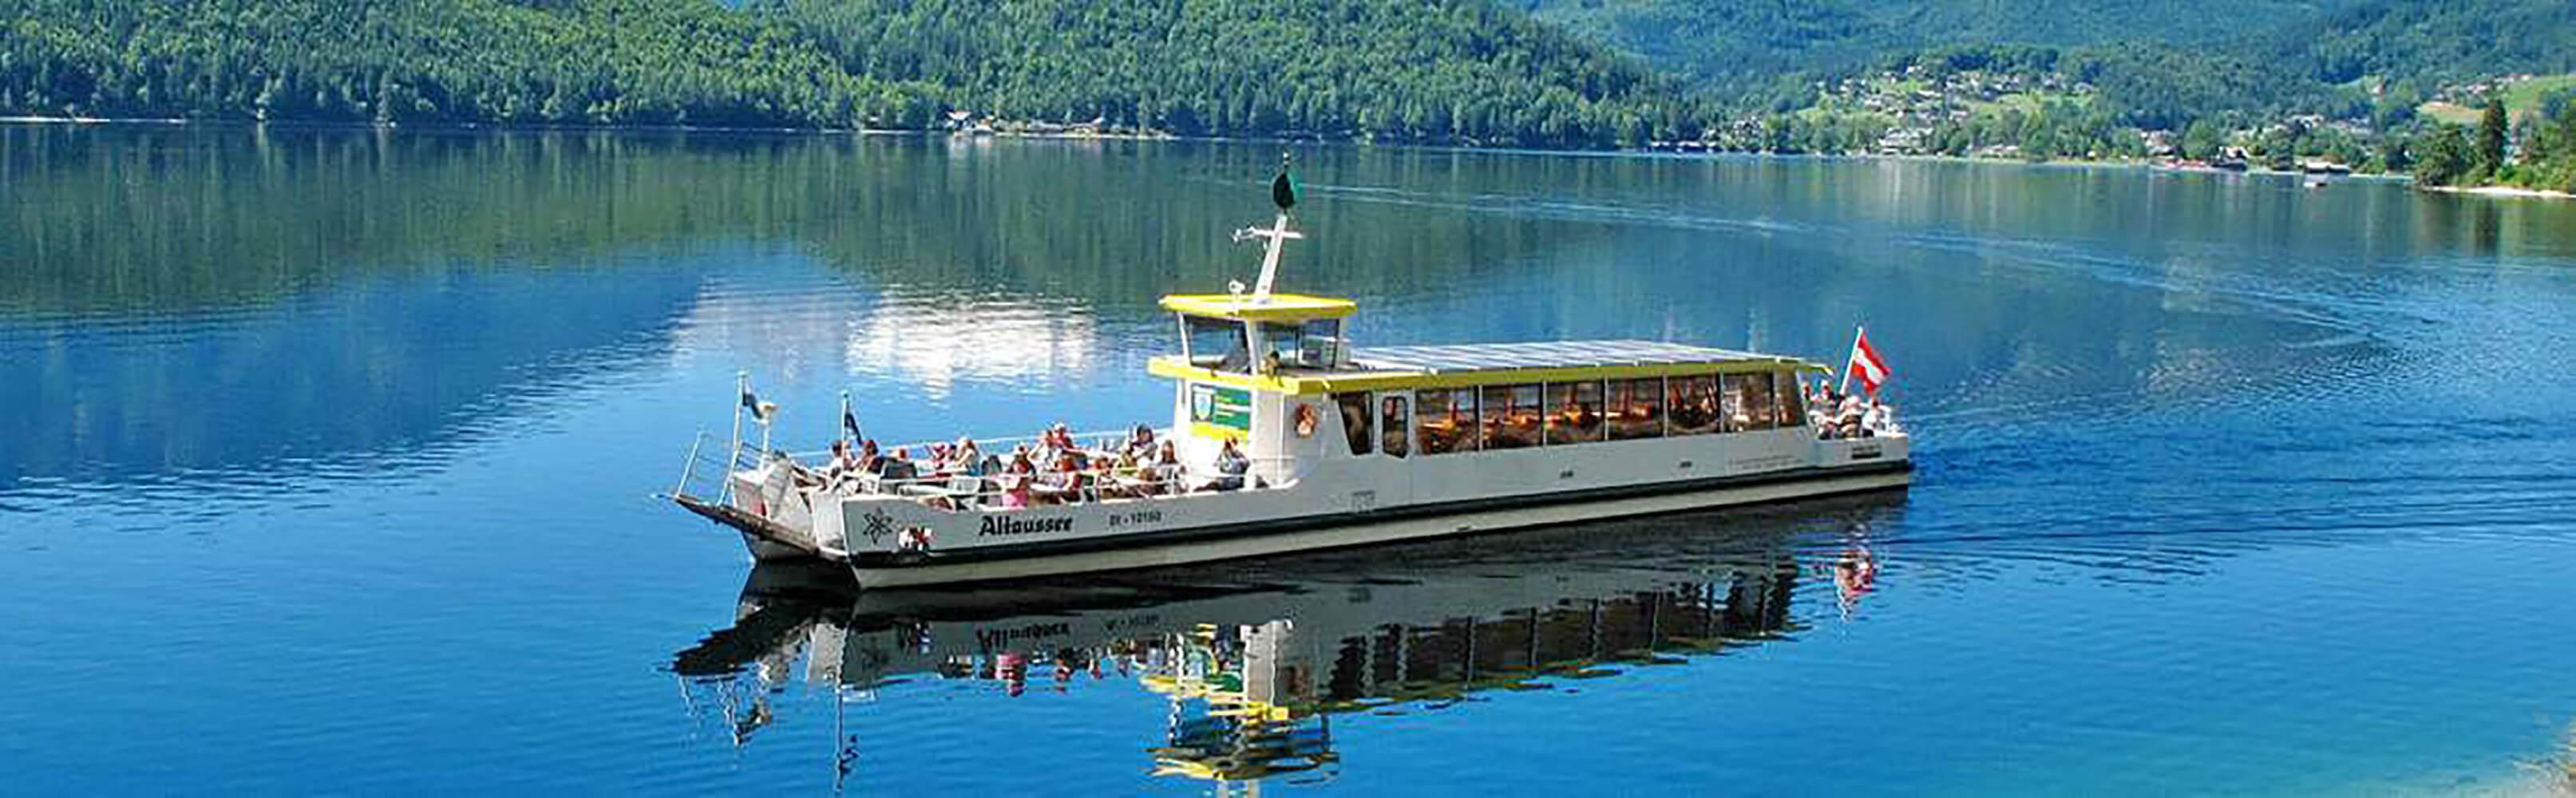 Altaussee-Schifffahrt unterwegs mit dem Solarschiff 1